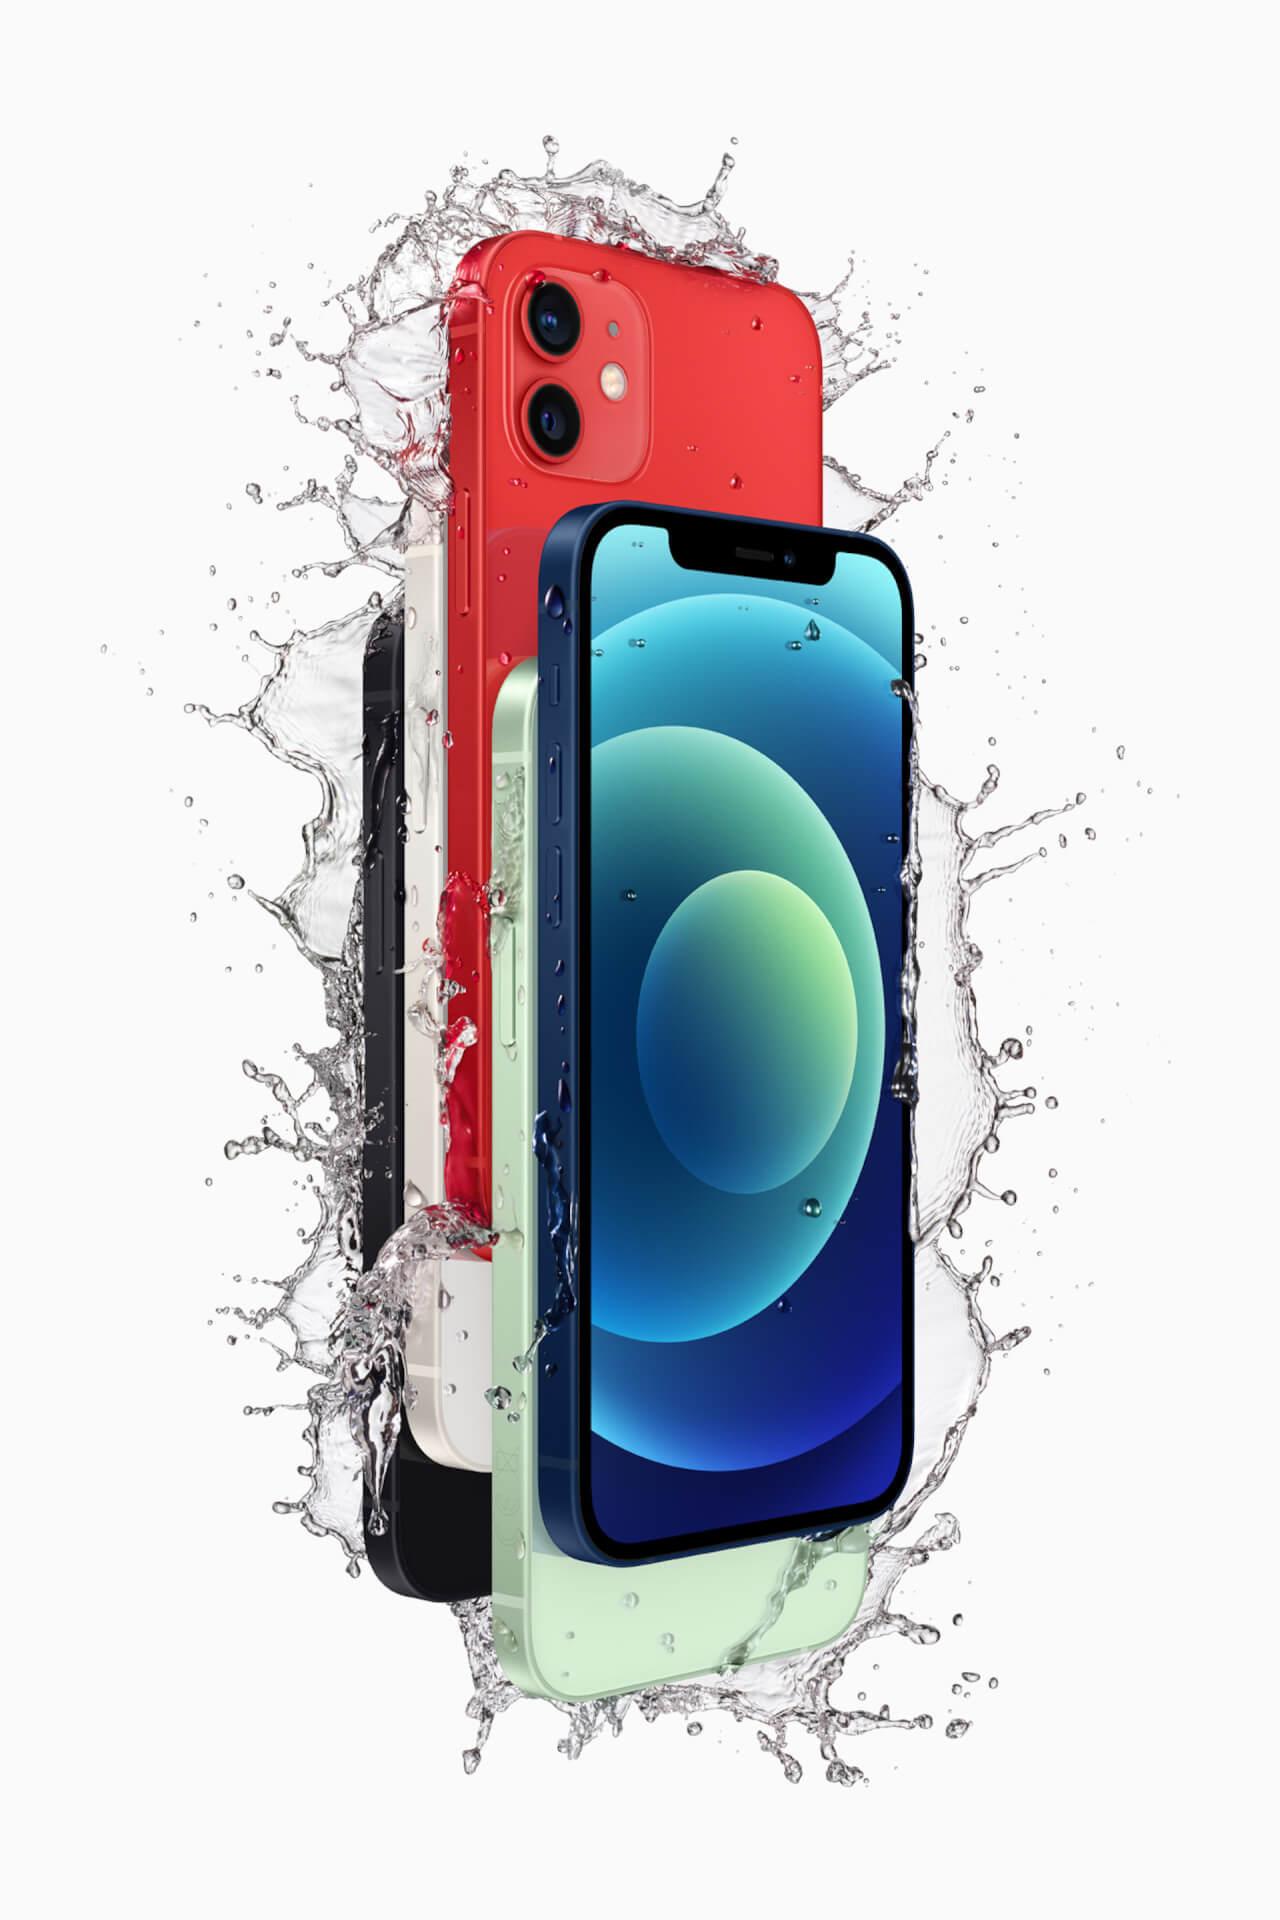 5G対応のiPhone 12シリーズがついに発表!新デザイン、A14 Bionicチップ、MagSafeなど特長をおさらい tech201014_iphone12_6